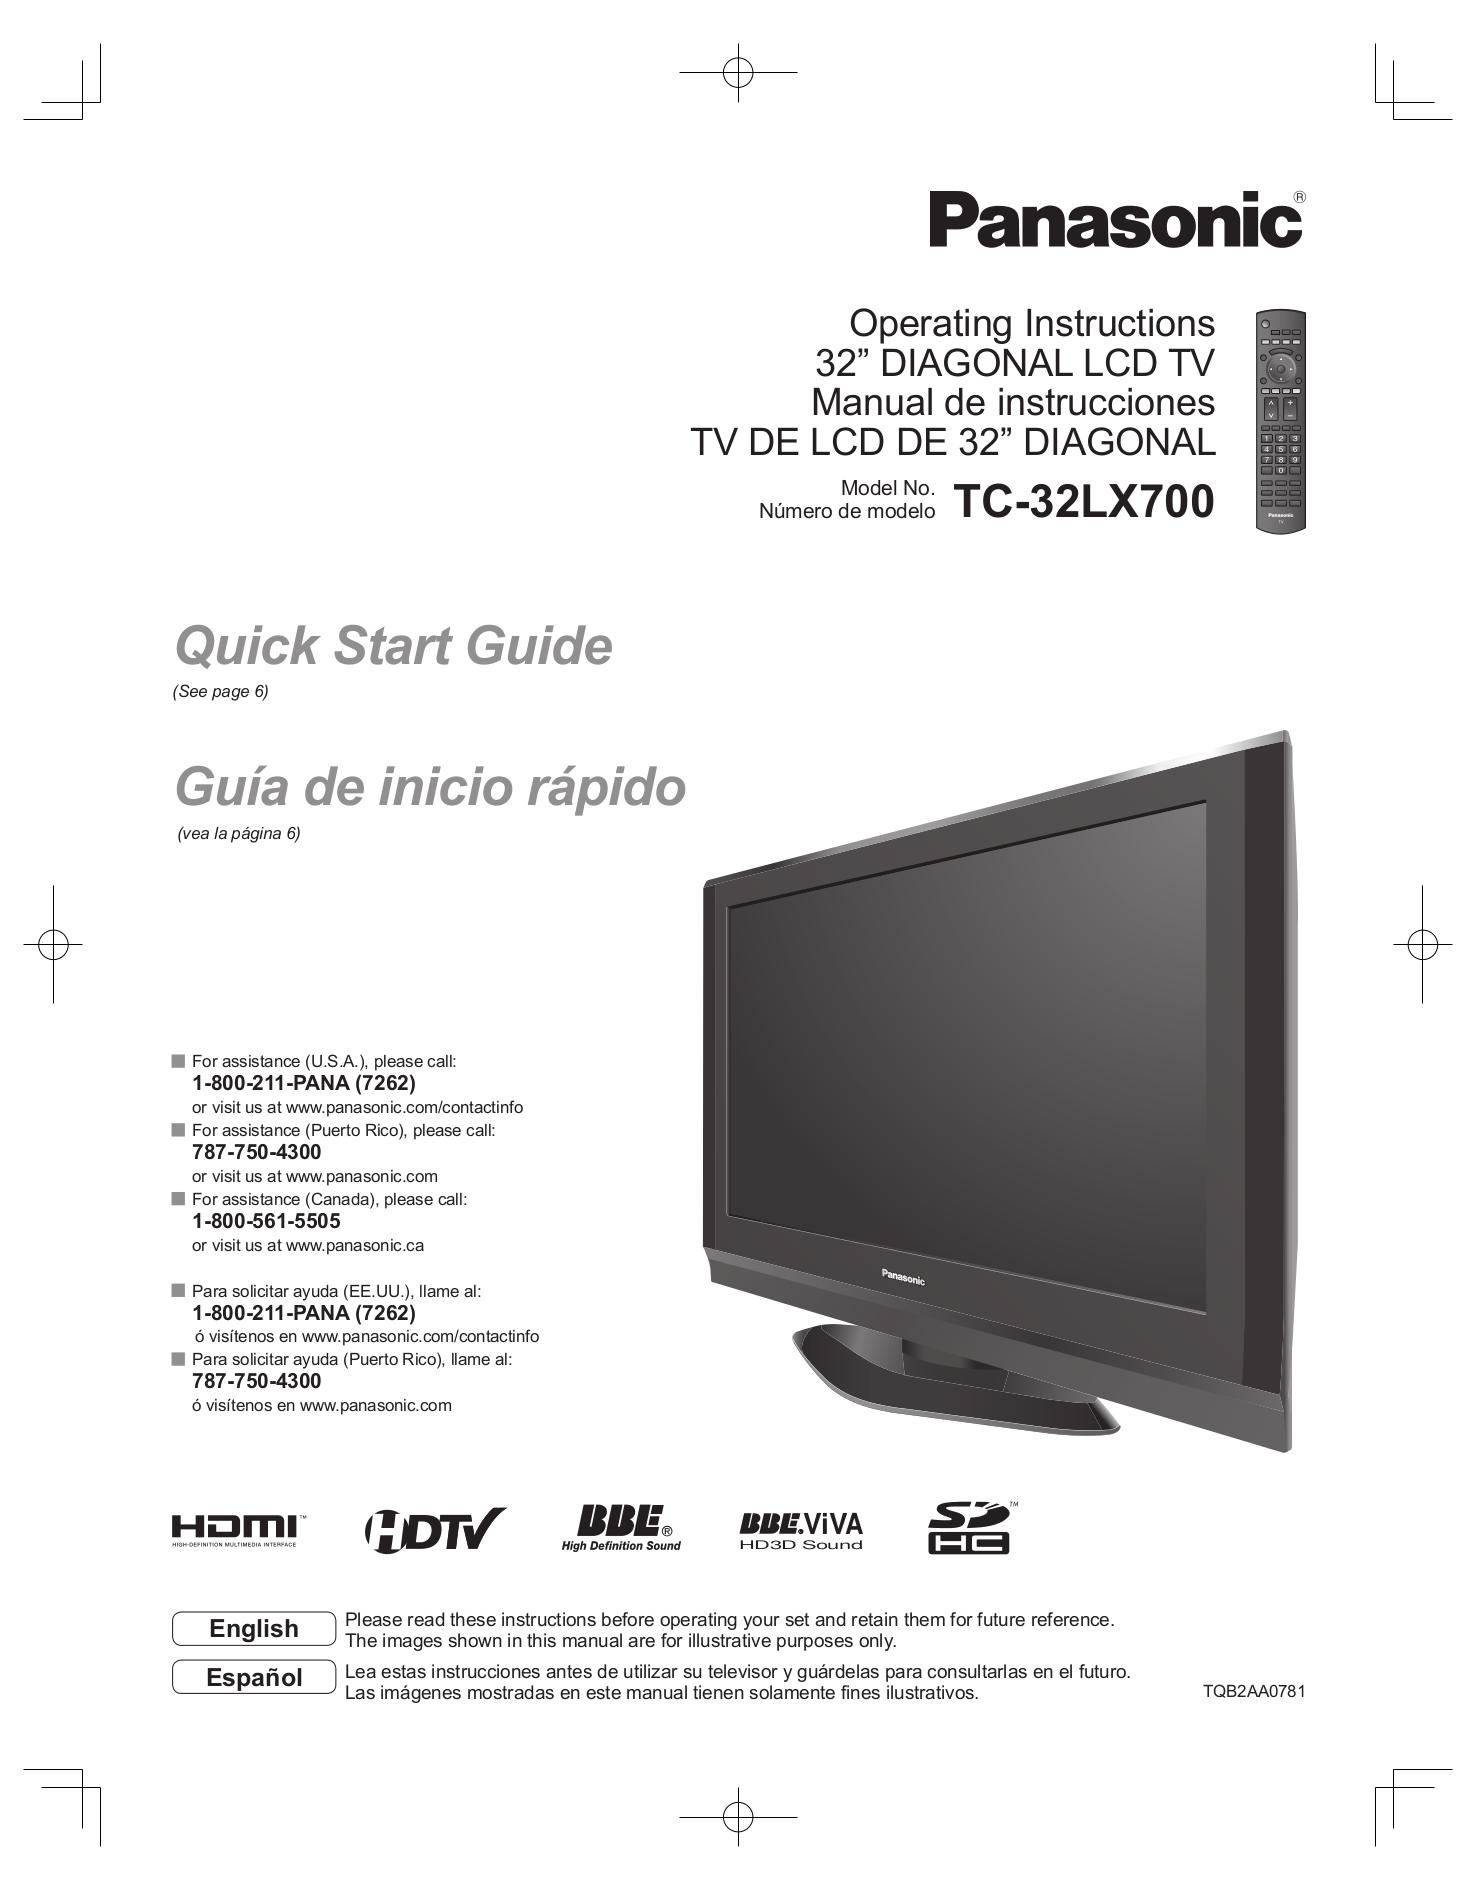 lg handheld tv user manual daily instruction manual guides u2022 rh testingwordpress co Repair Guy GE Washer Repair Guide